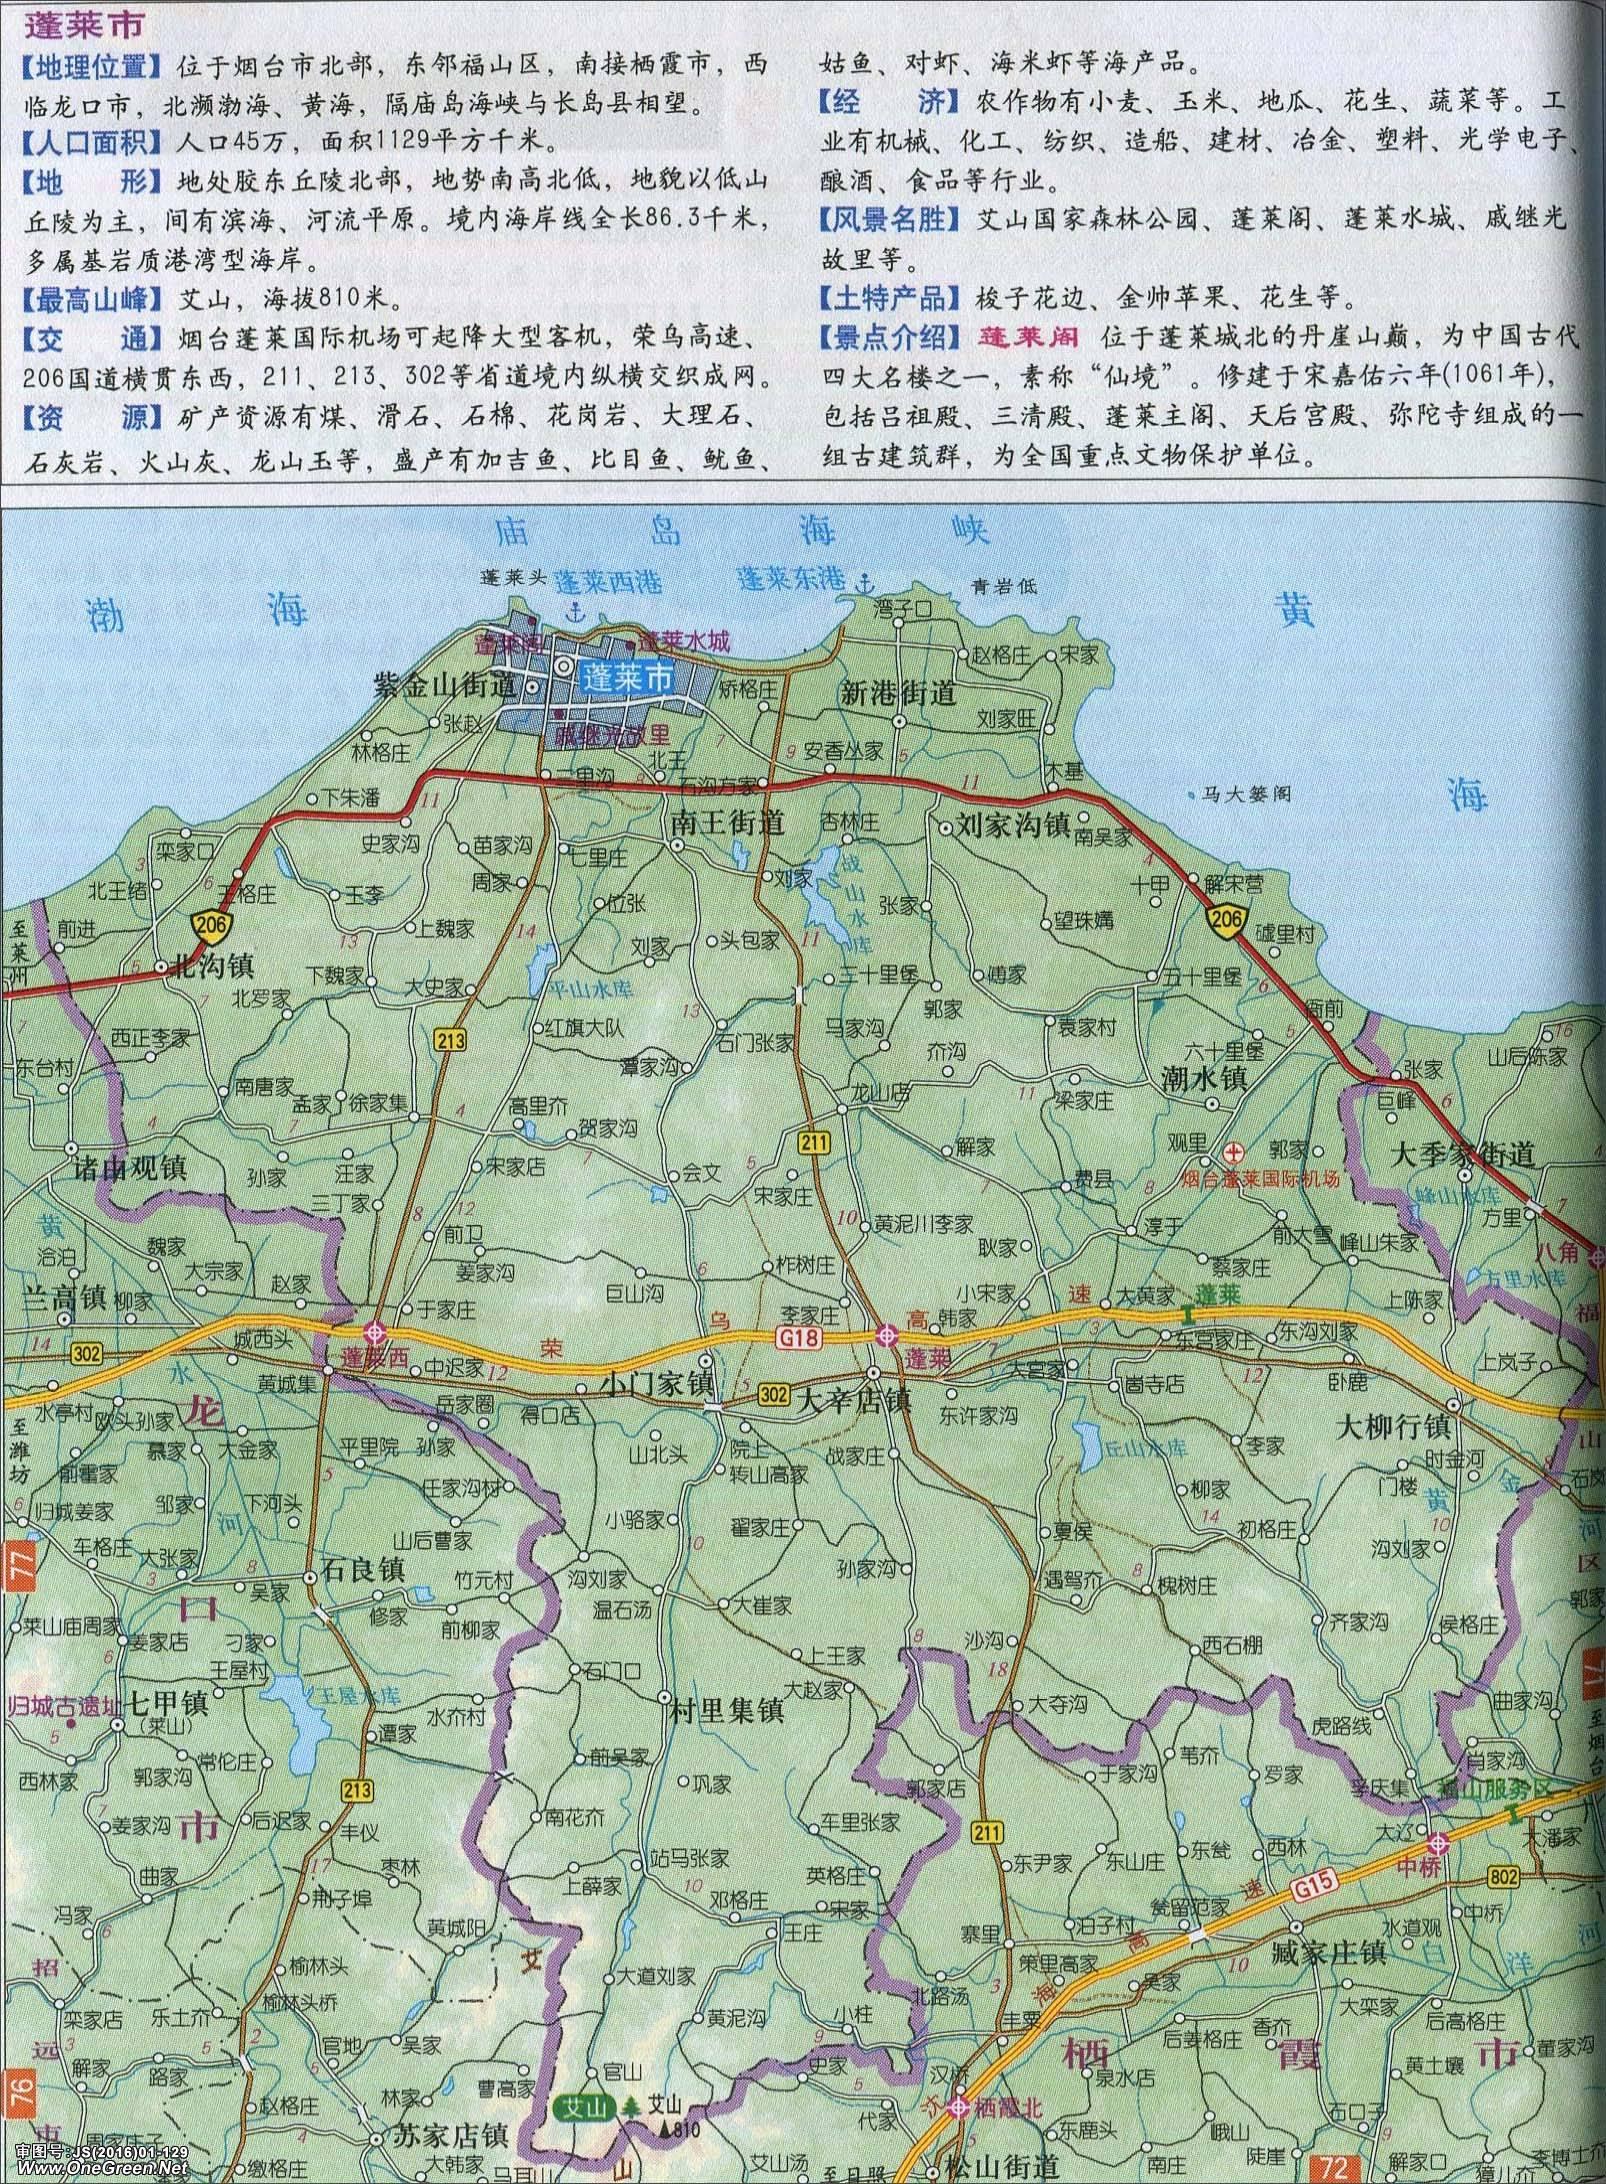 山东省潍坊市地图_蓬莱市地图_烟台地图库_地图窝